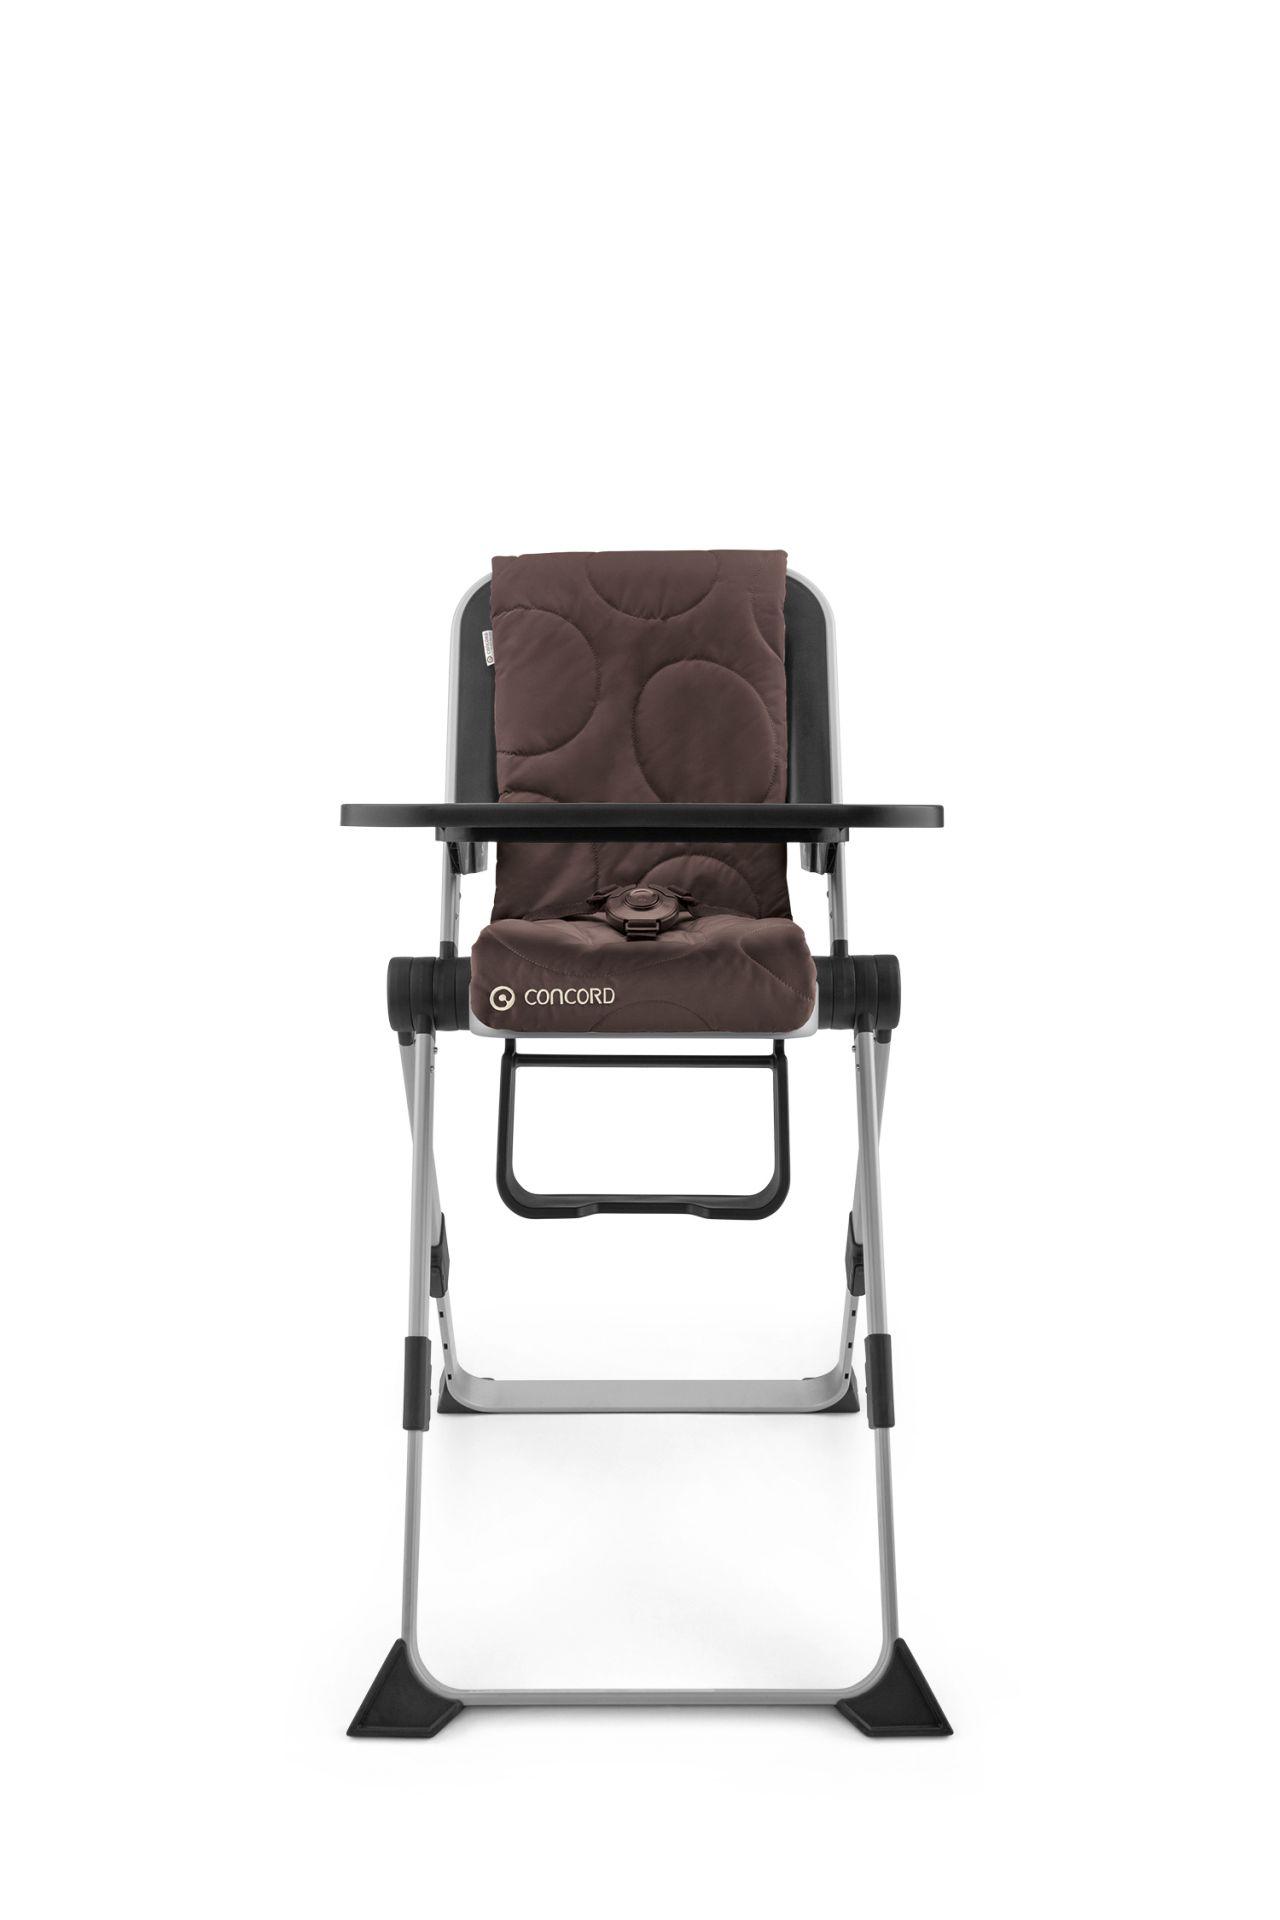 chaise haute moderne affordable bar chaises lgant et minimaliste duascenseur de chaise chaise. Black Bedroom Furniture Sets. Home Design Ideas